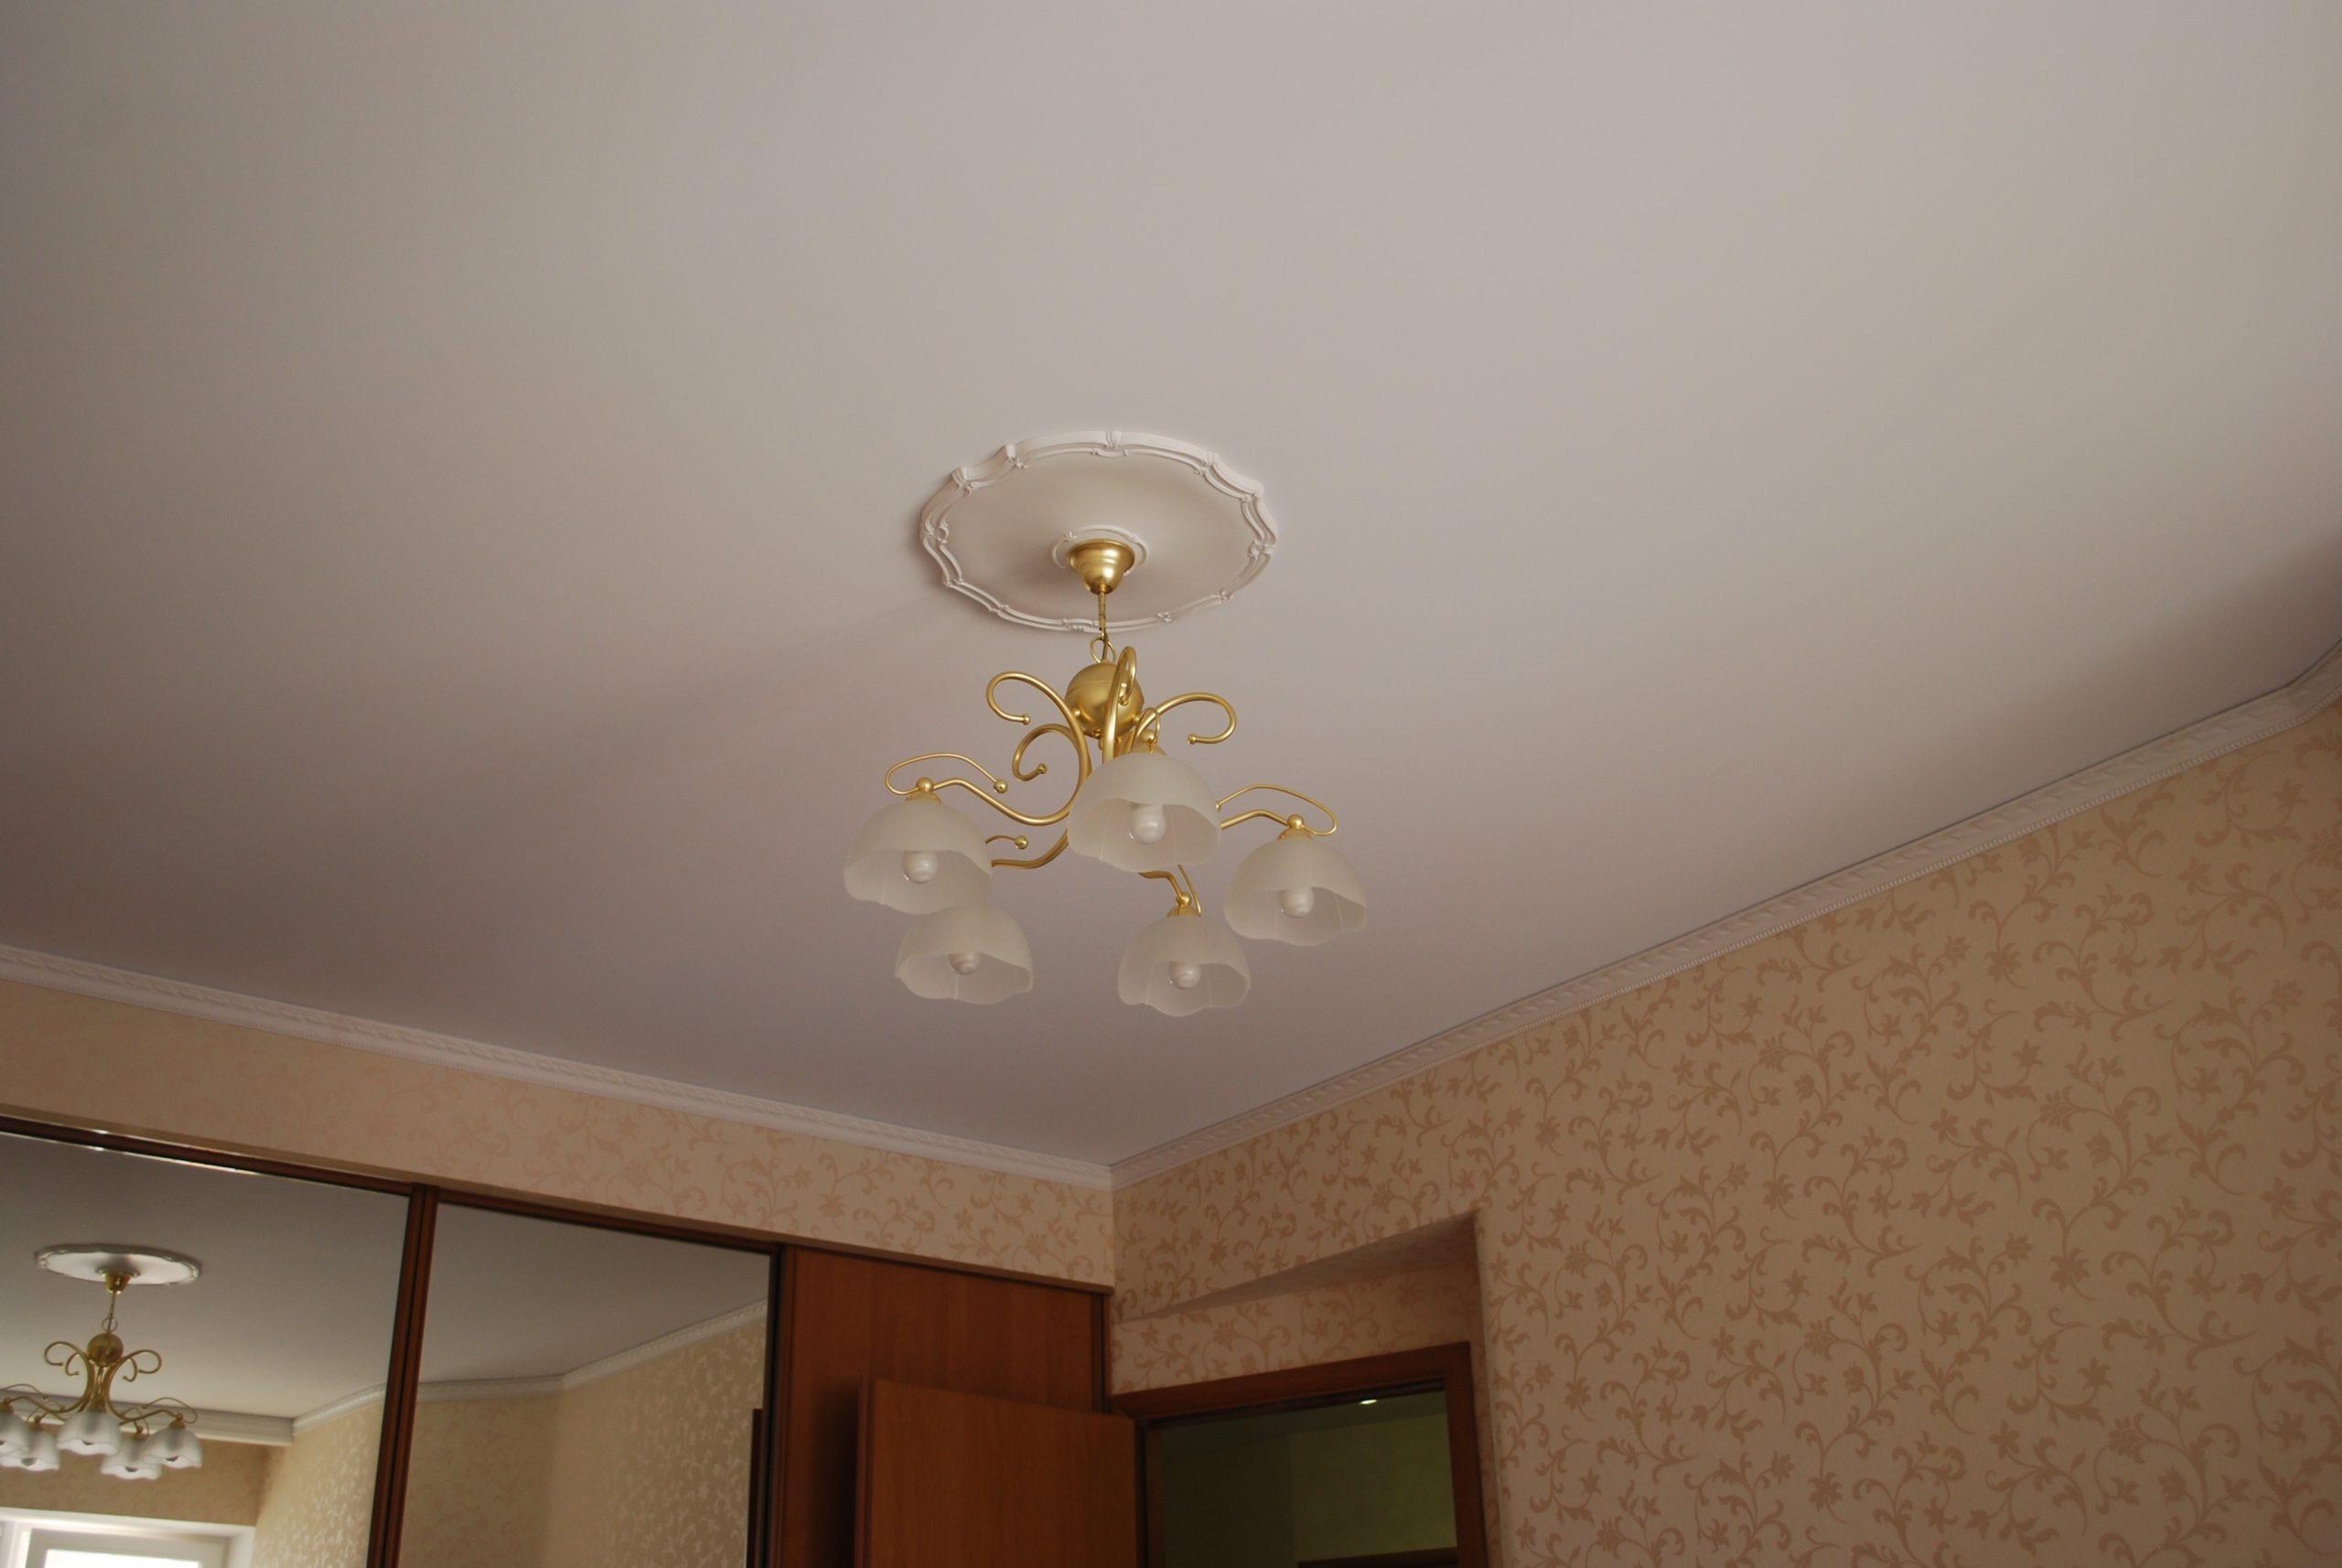 Натяжной потолок тканевый в спальне 15,95 м2